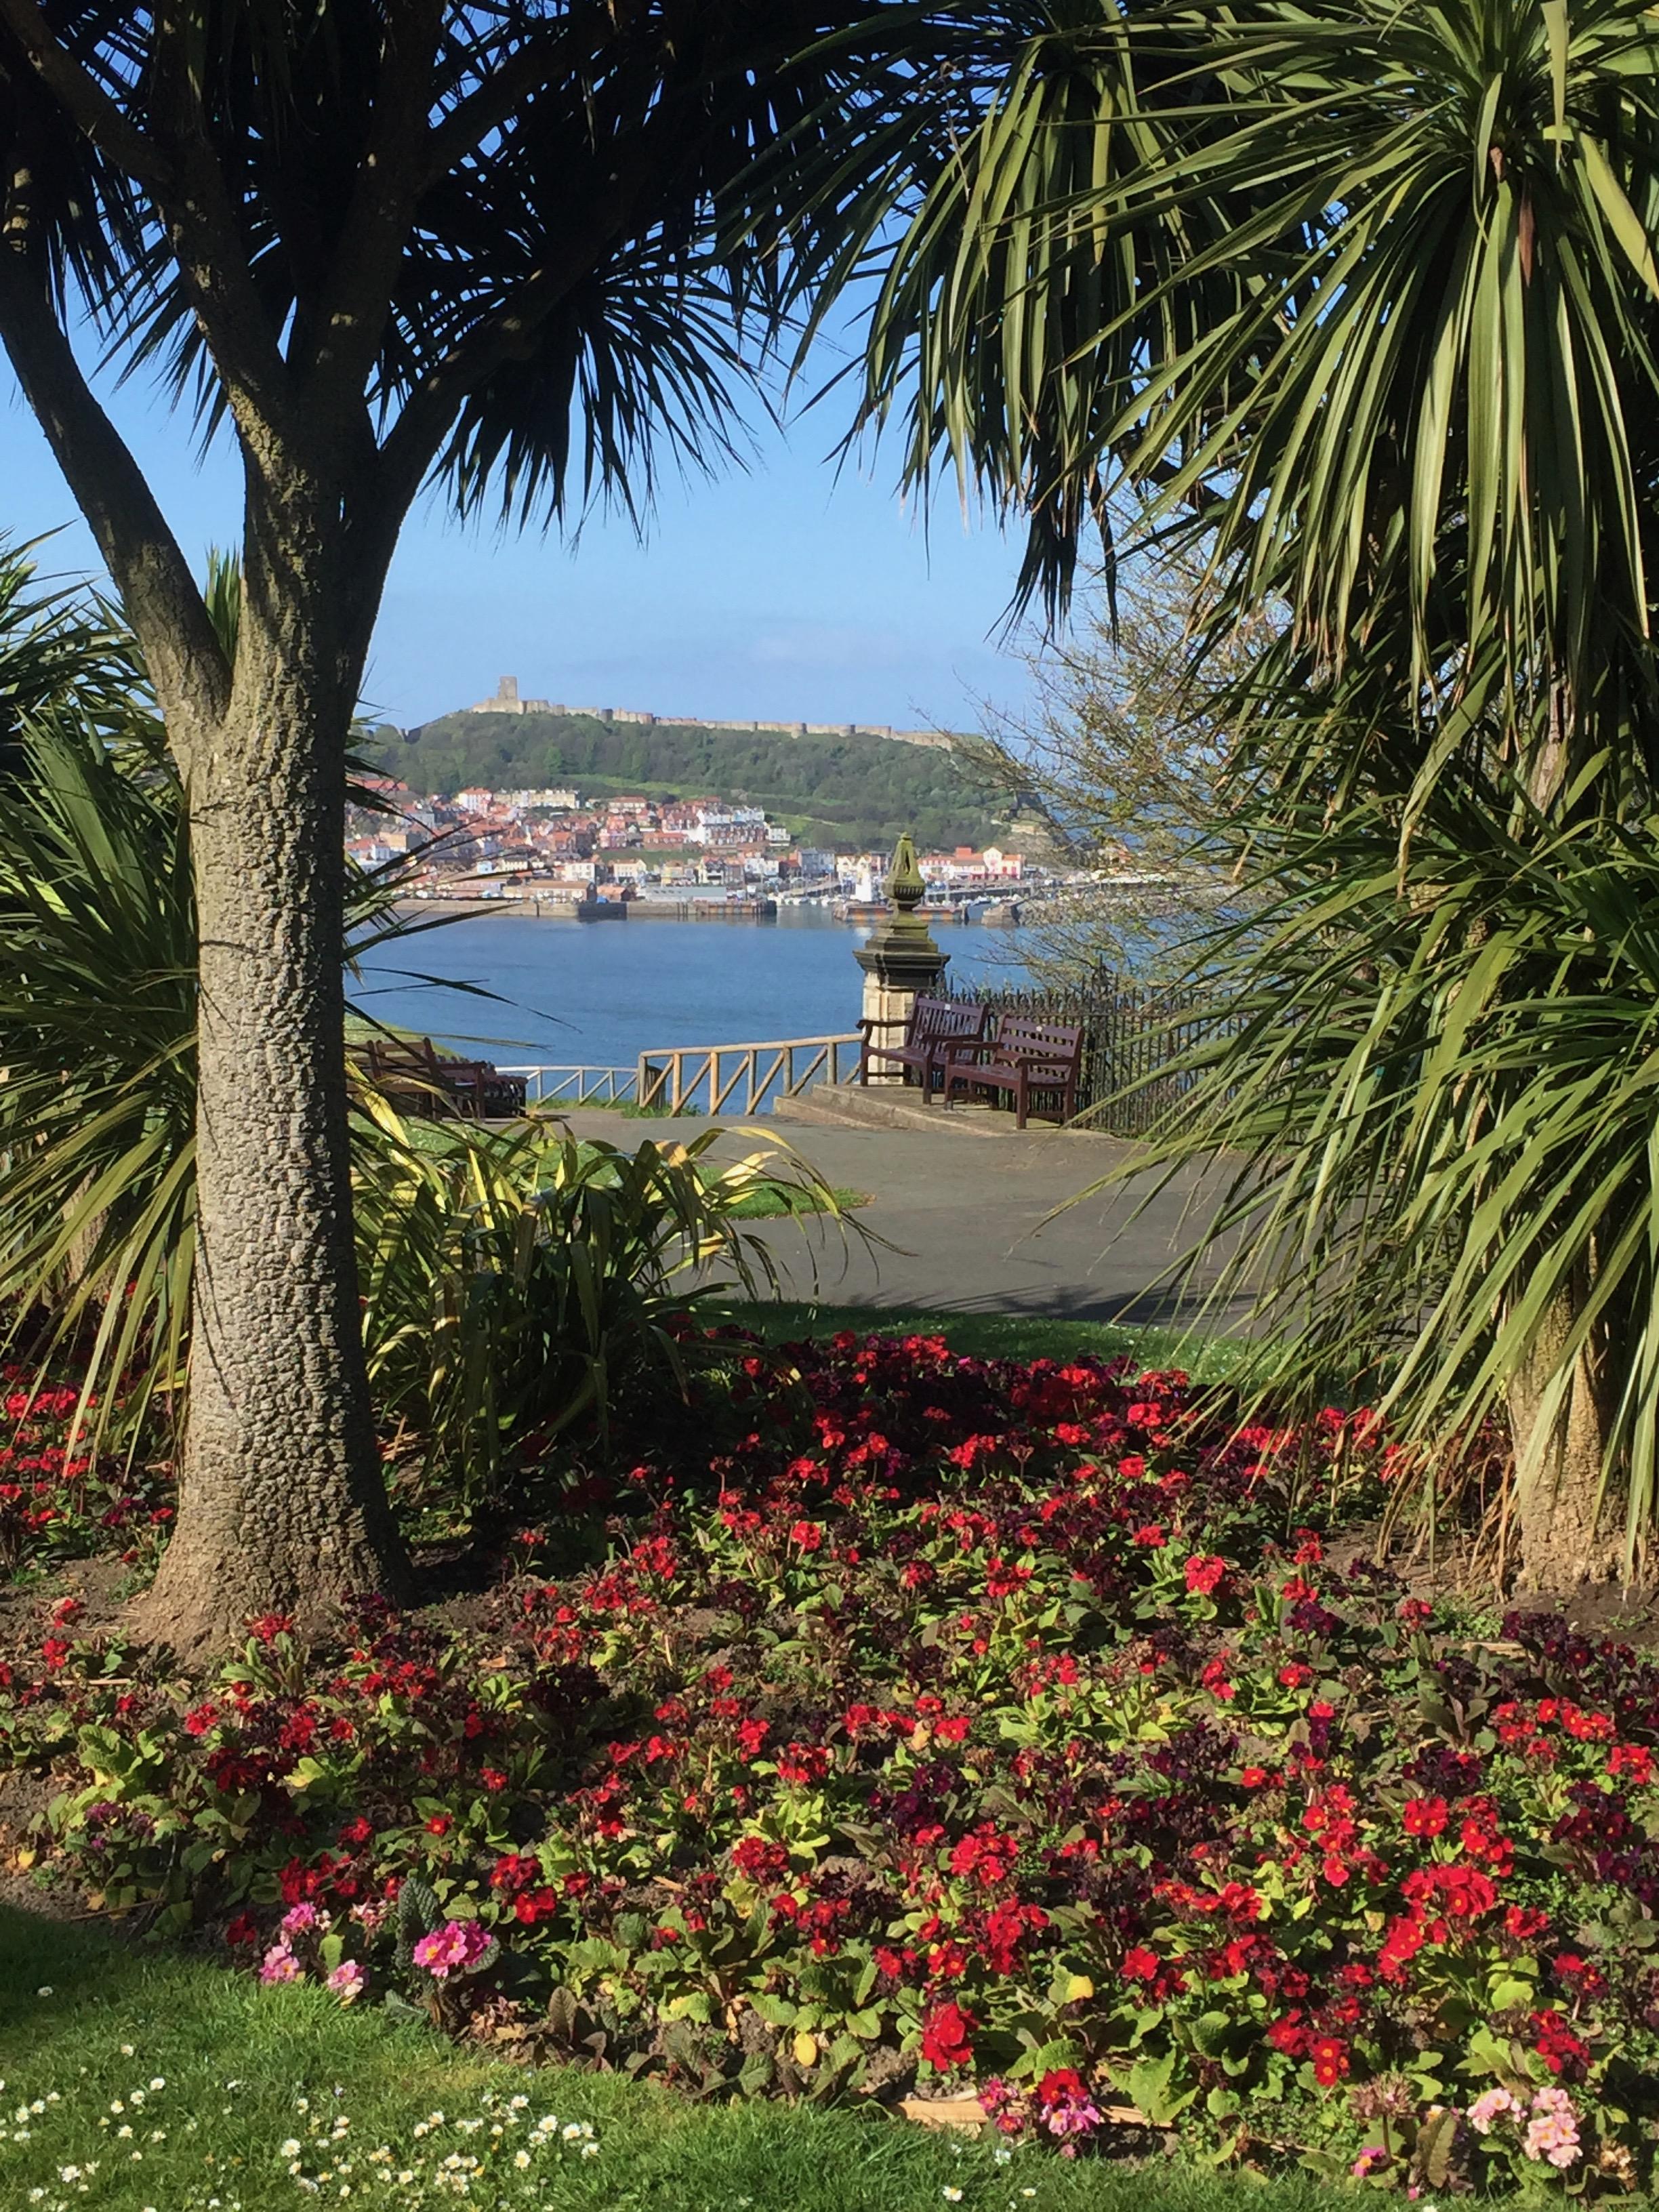 South Bay from Esplanade